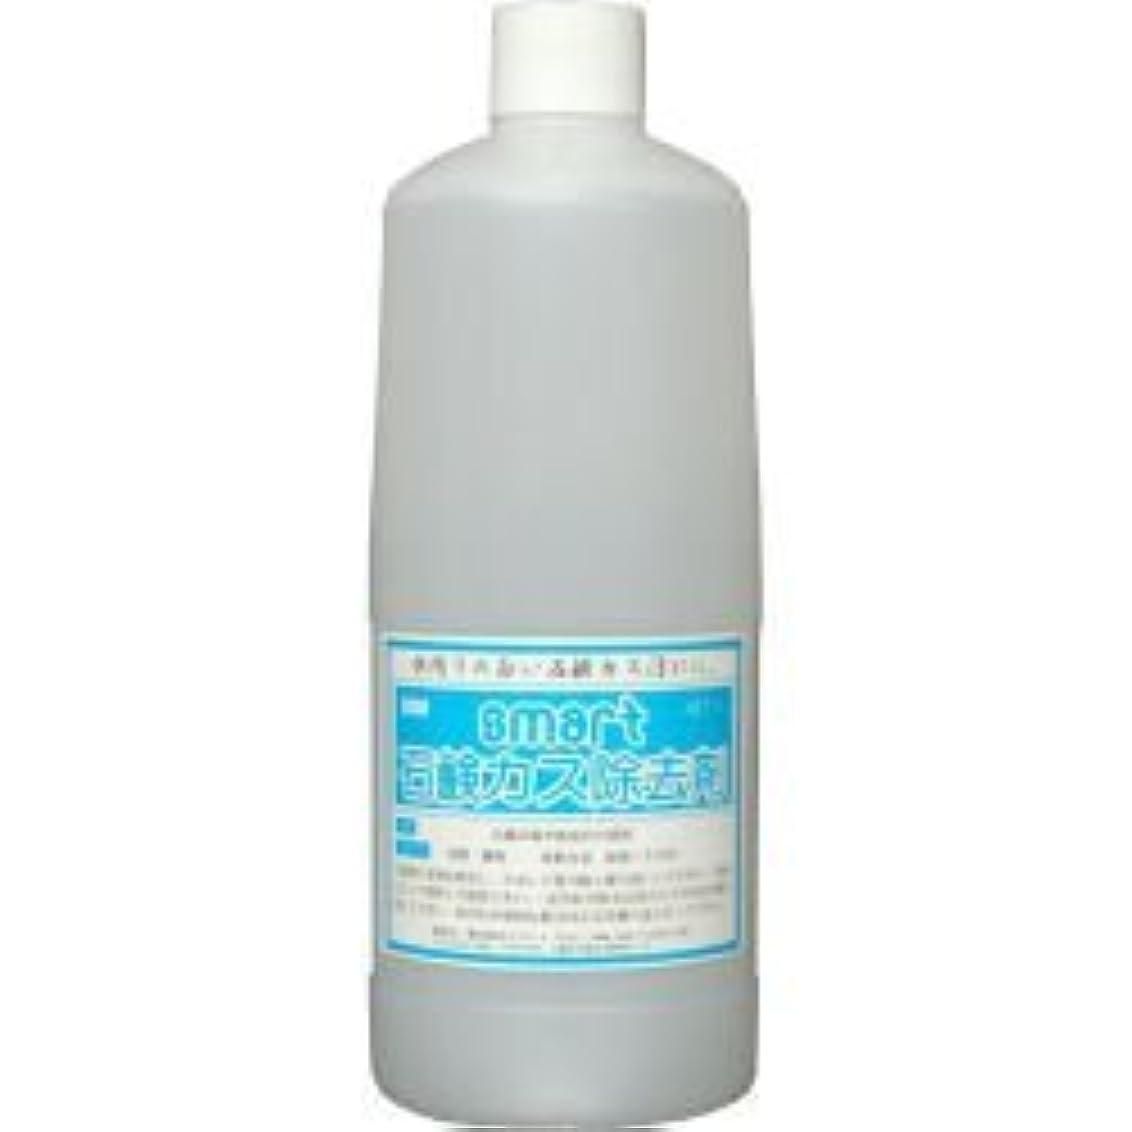 スマート石鹸カス除去剤 1L